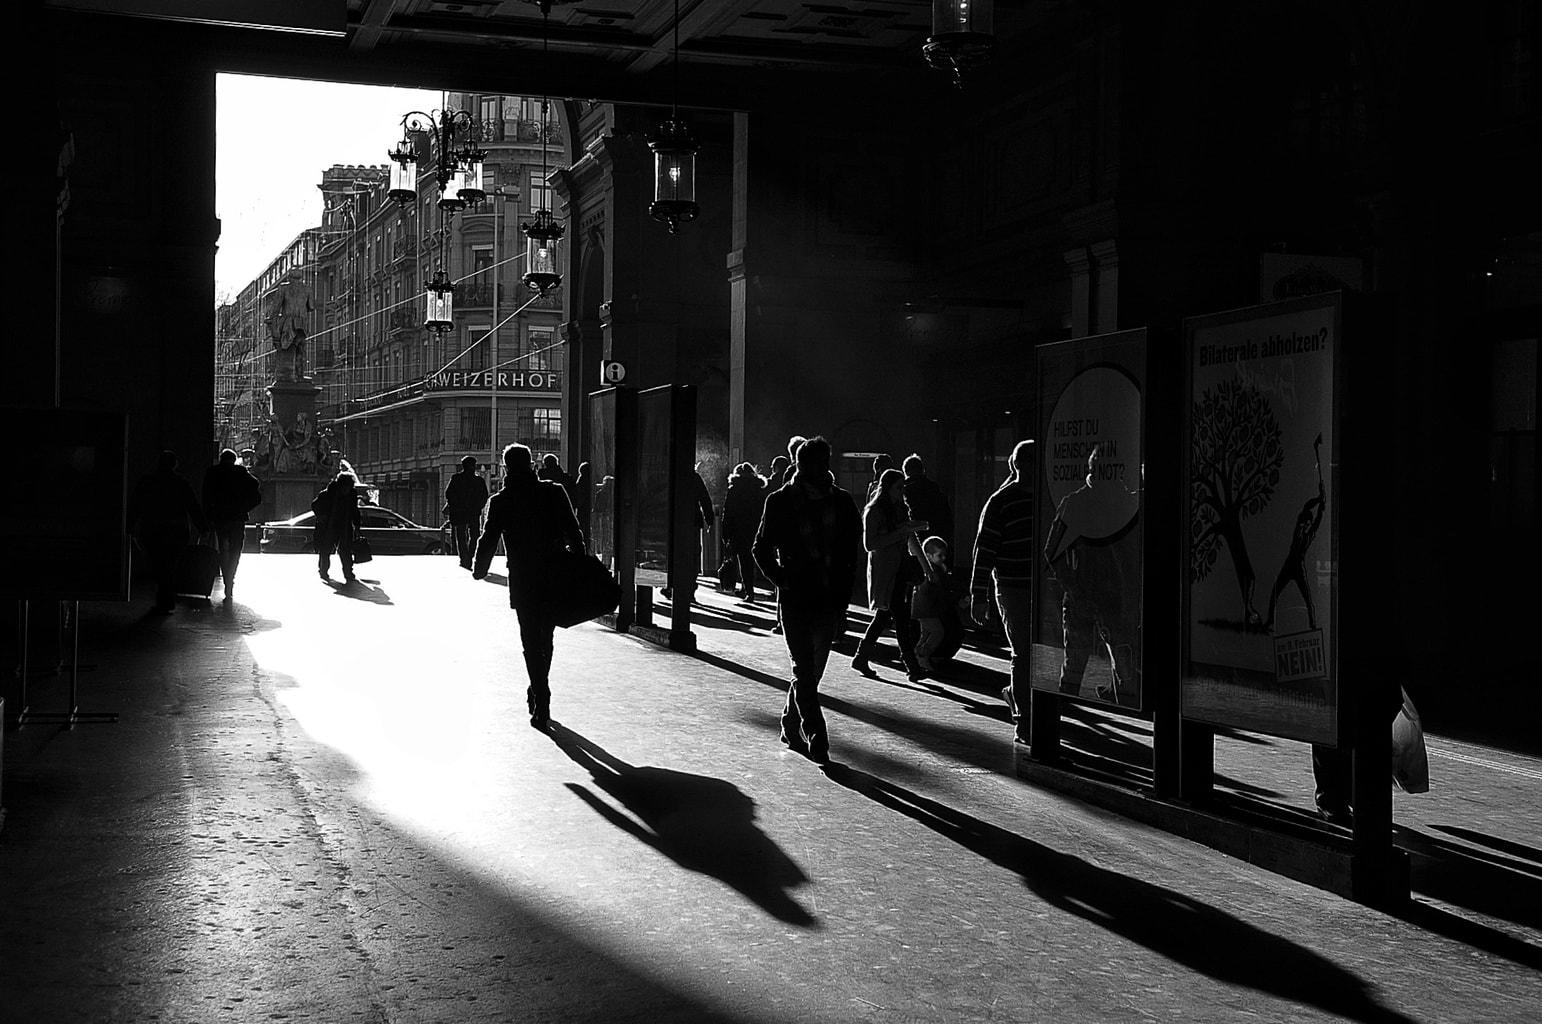 Las imágenes con alto contraste quedan muy bien en blanco y negro